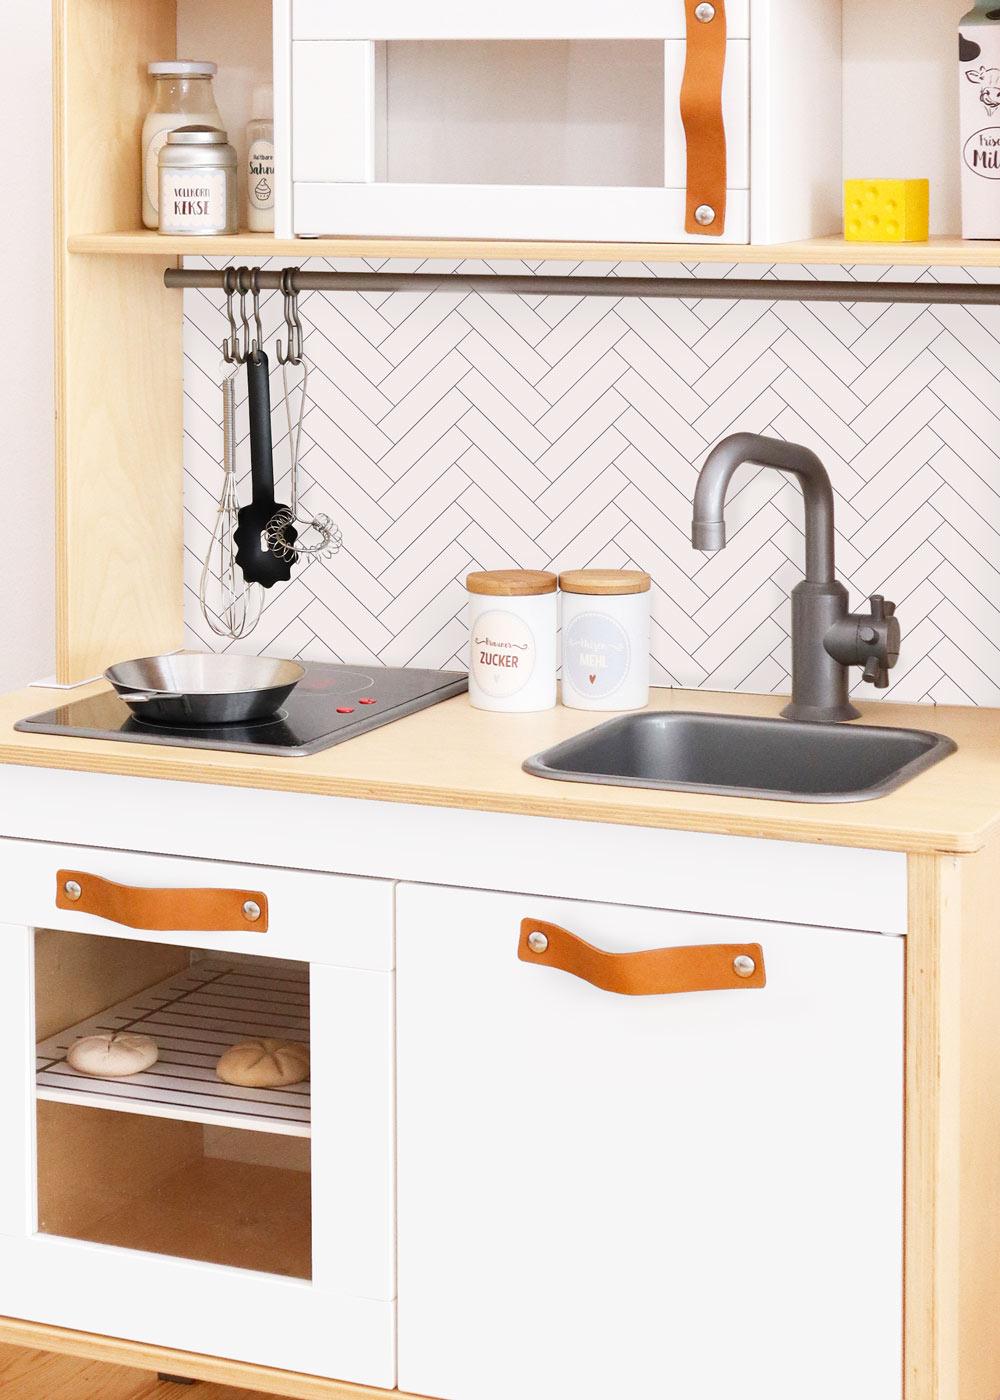 Ikea Duktig Kinderküche Kachla Fiskben weiss Spritzschutz